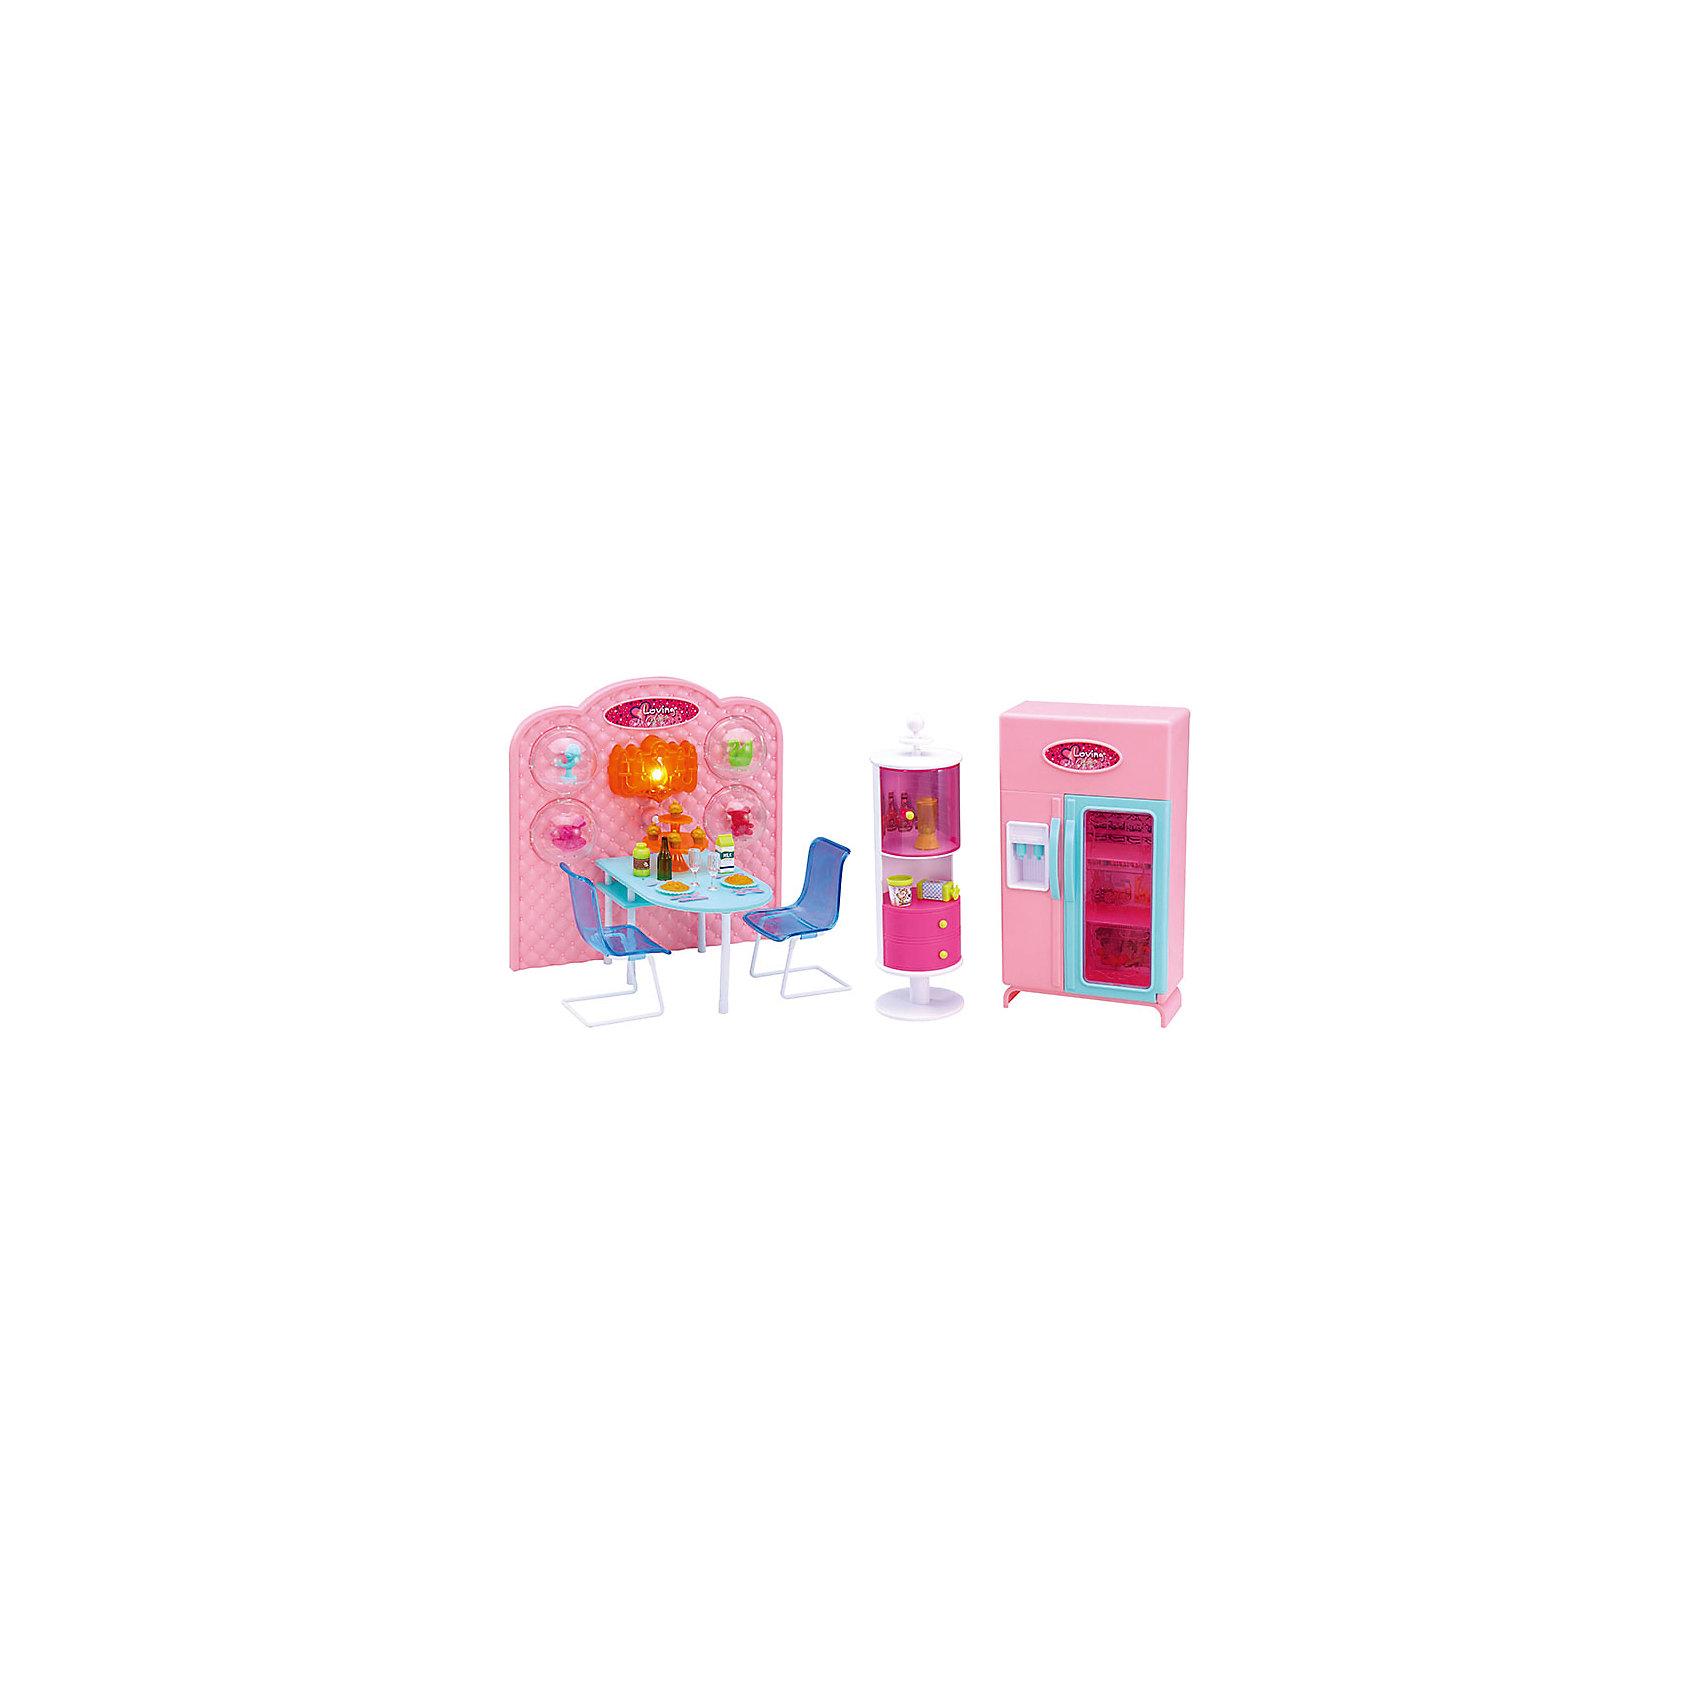 Набор мебели для кукол Уютное кафе, DollyToyКукольная одежда и аксессуары<br>Характеристики товара:<br><br>• возраст от 3 лет;<br>• материал: пластик;<br>• с подсветкой (батарейки в комплекте)<br>• подходит для кукол высотой до 29 см<br>• в комплекте: стол, стулья, шкаф-витрина, холодильник, аксессуары;<br>• размер упаковки 55,4х31,8х9,5 см;<br>• вес упаковки 1,39 кг;<br>• страна производитель: Китай.<br><br>Набор мебели для кукол «Уютное кафе» DollyToy — набор аксессуаров для кукол, с которым можно придумать оригинальные сюжеты для игры. Девочка может разыграть сценку, как ее любимая куколка идет на ужин в кафе с друзьями. Подсветка кафе делает обстановку уютной. Игрушка сделана из качественного безопасного пластика.<br><br>Набор мебели для кукол «Уютное кафе» DollyToy можно приобрести в нашем интернет-магазине.<br><br>Ширина мм: 554<br>Глубина мм: 318<br>Высота мм: 95<br>Вес г: 1390<br>Возраст от месяцев: 36<br>Возраст до месяцев: 72<br>Пол: Женский<br>Возраст: Детский<br>SKU: 5581267